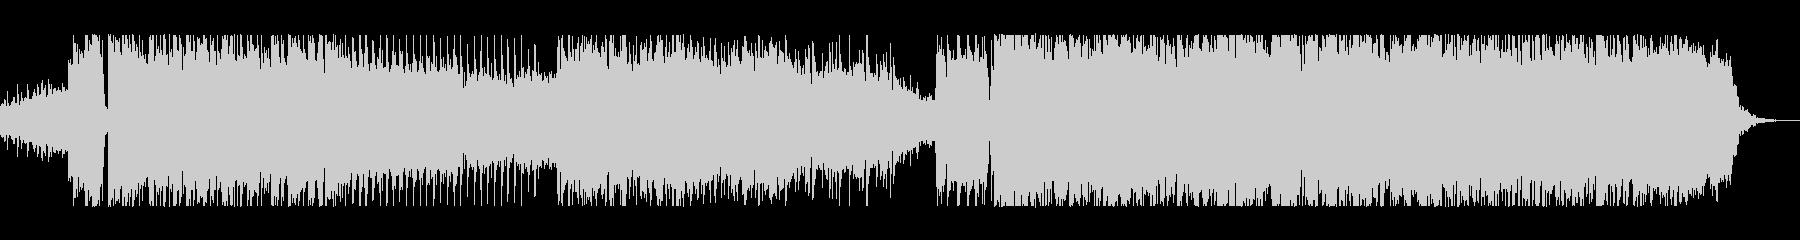 複雑な旋律が織りなす映像向けロックの未再生の波形